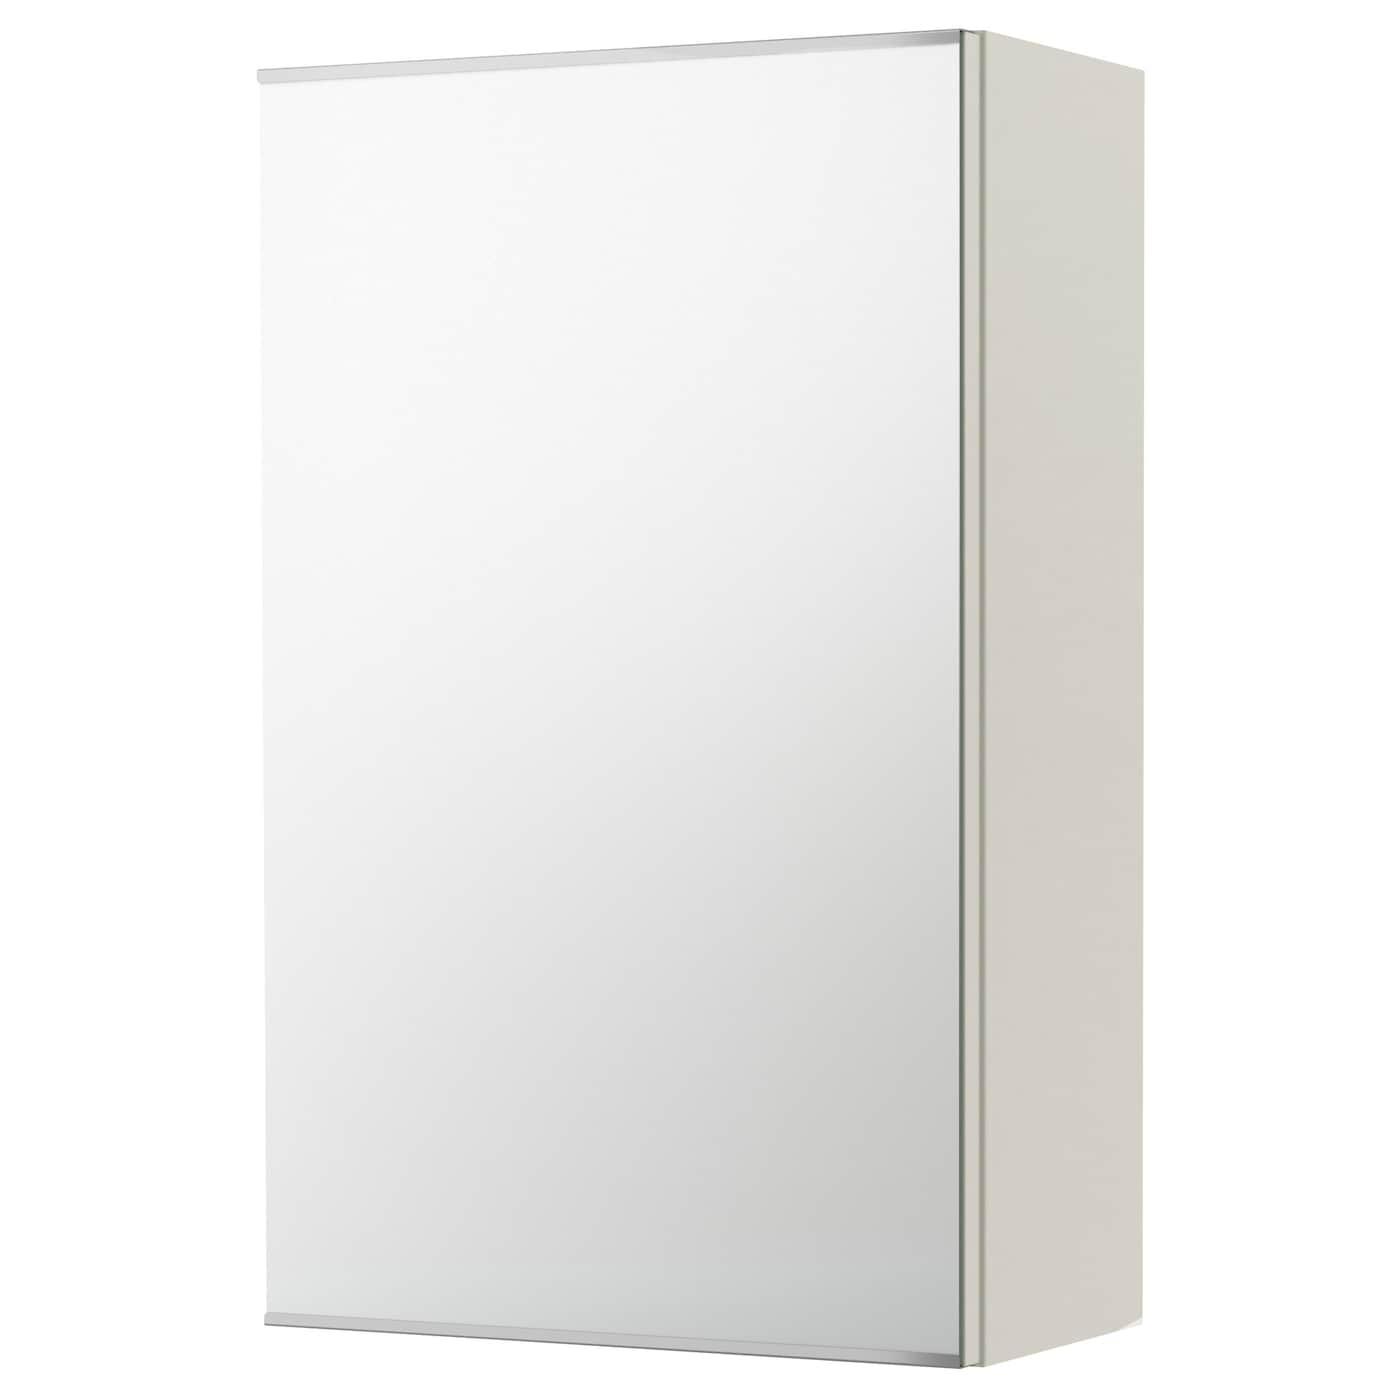 HEMNES Spiegelschrank 2 Türen - weiß, 103x16x98 cm - IKEA